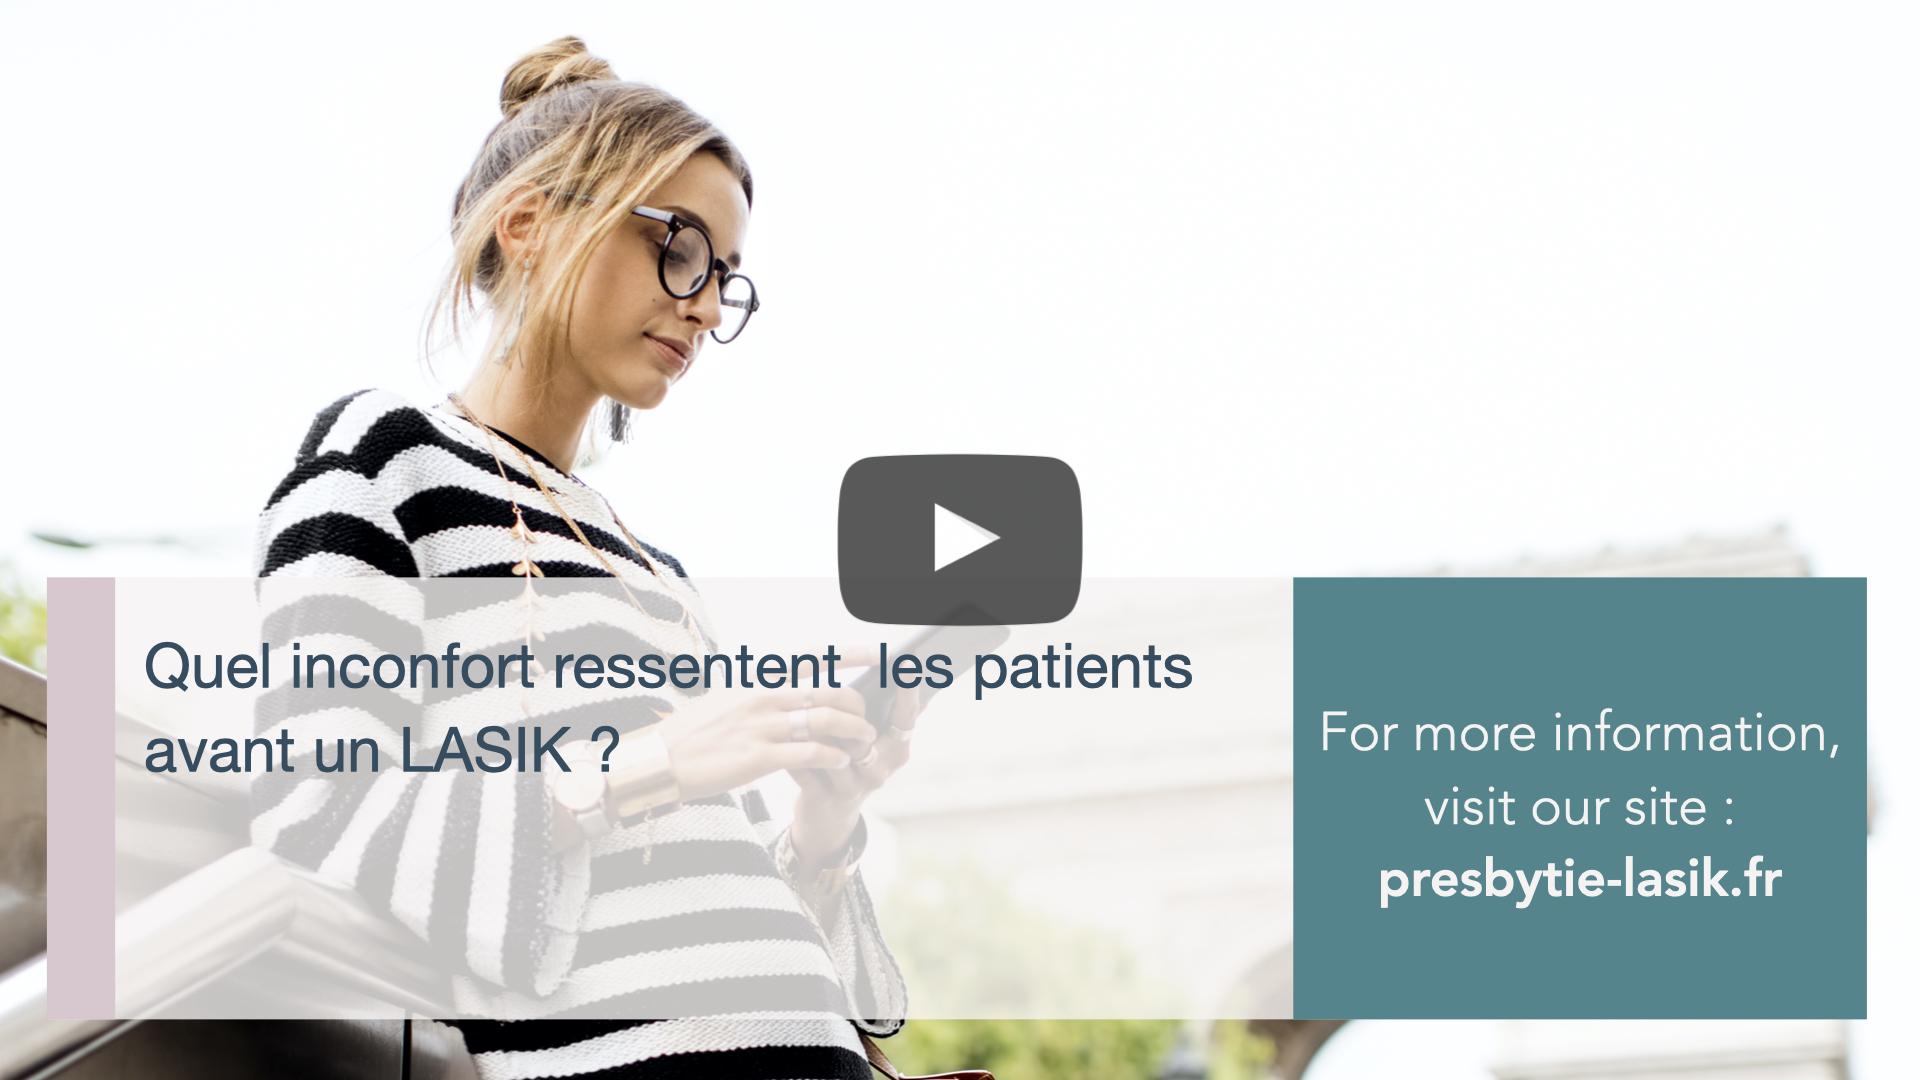 Quel incofort ressentent les patients avant un LASIK, LASIK Catherine Albou Ganem Clinique de la Vision Paris